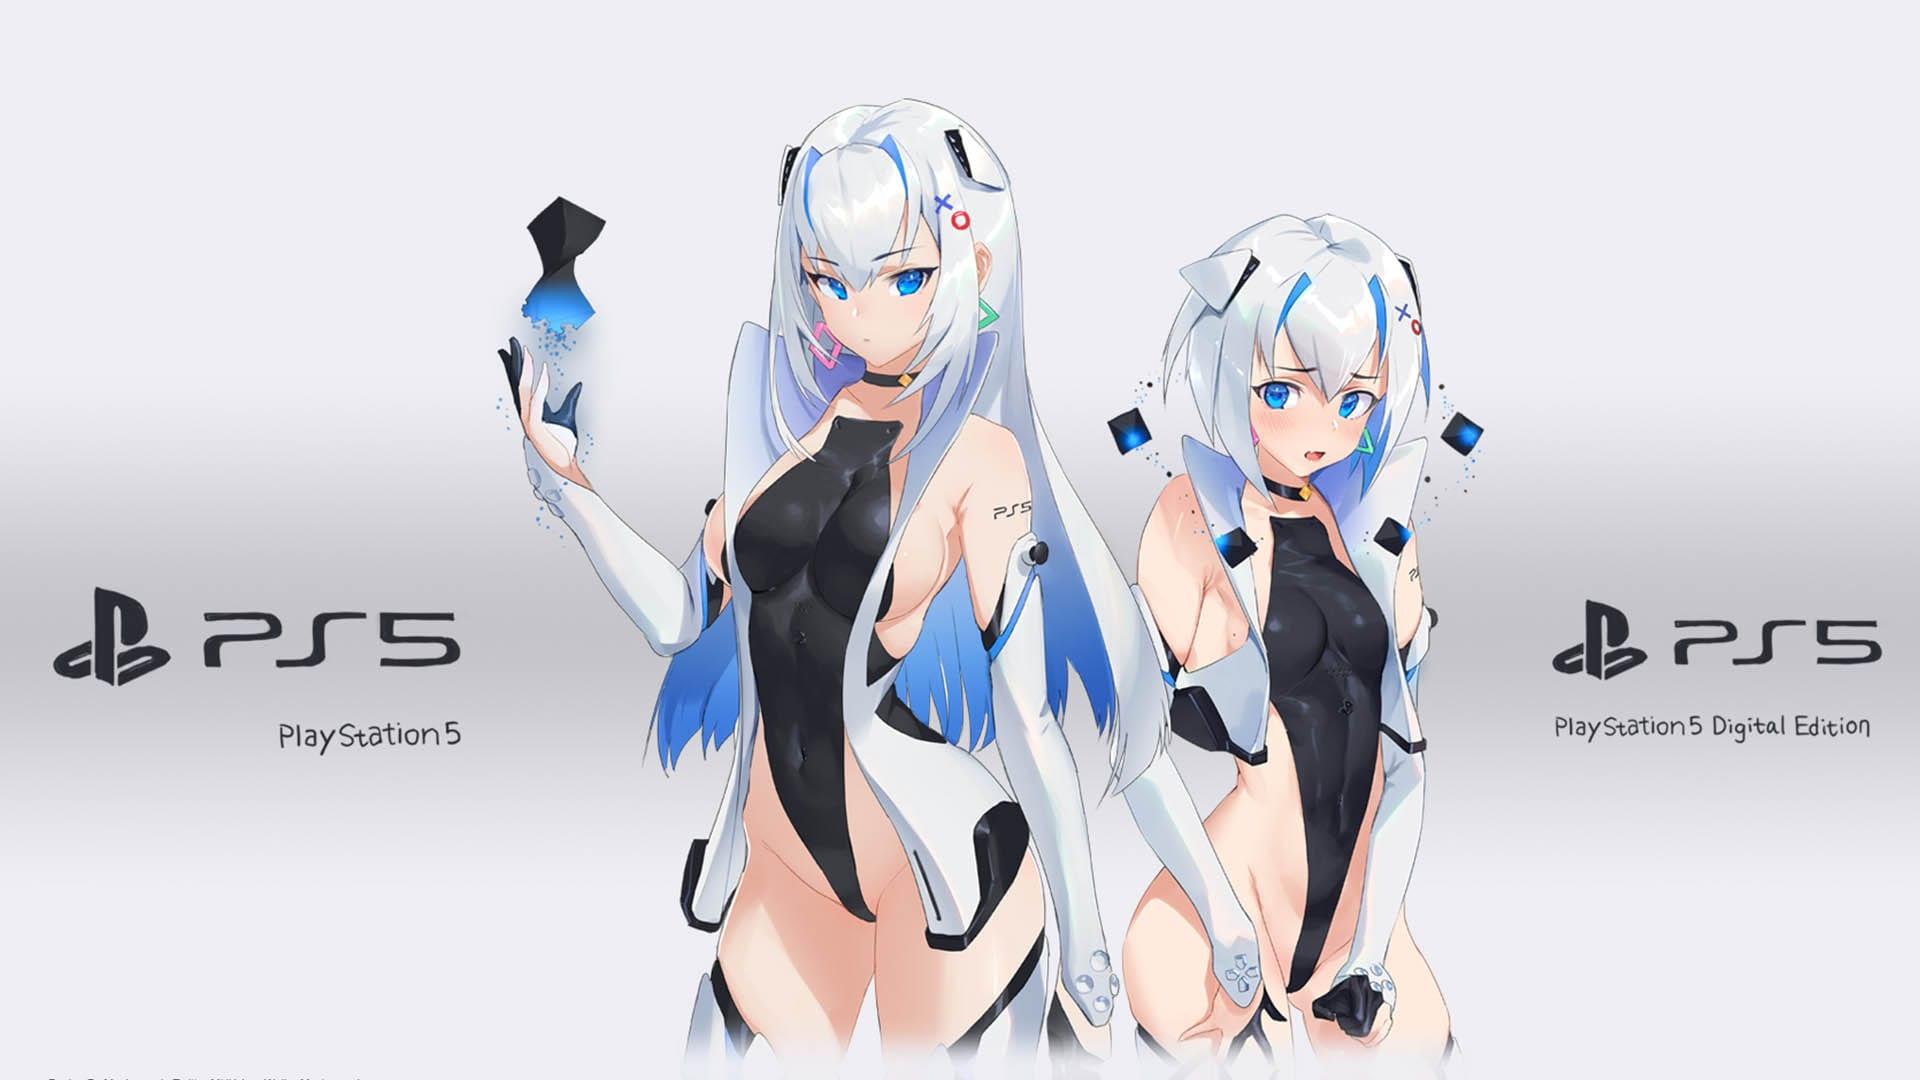 PS5-chan (Bilder, Wallpaper, Screenshots)